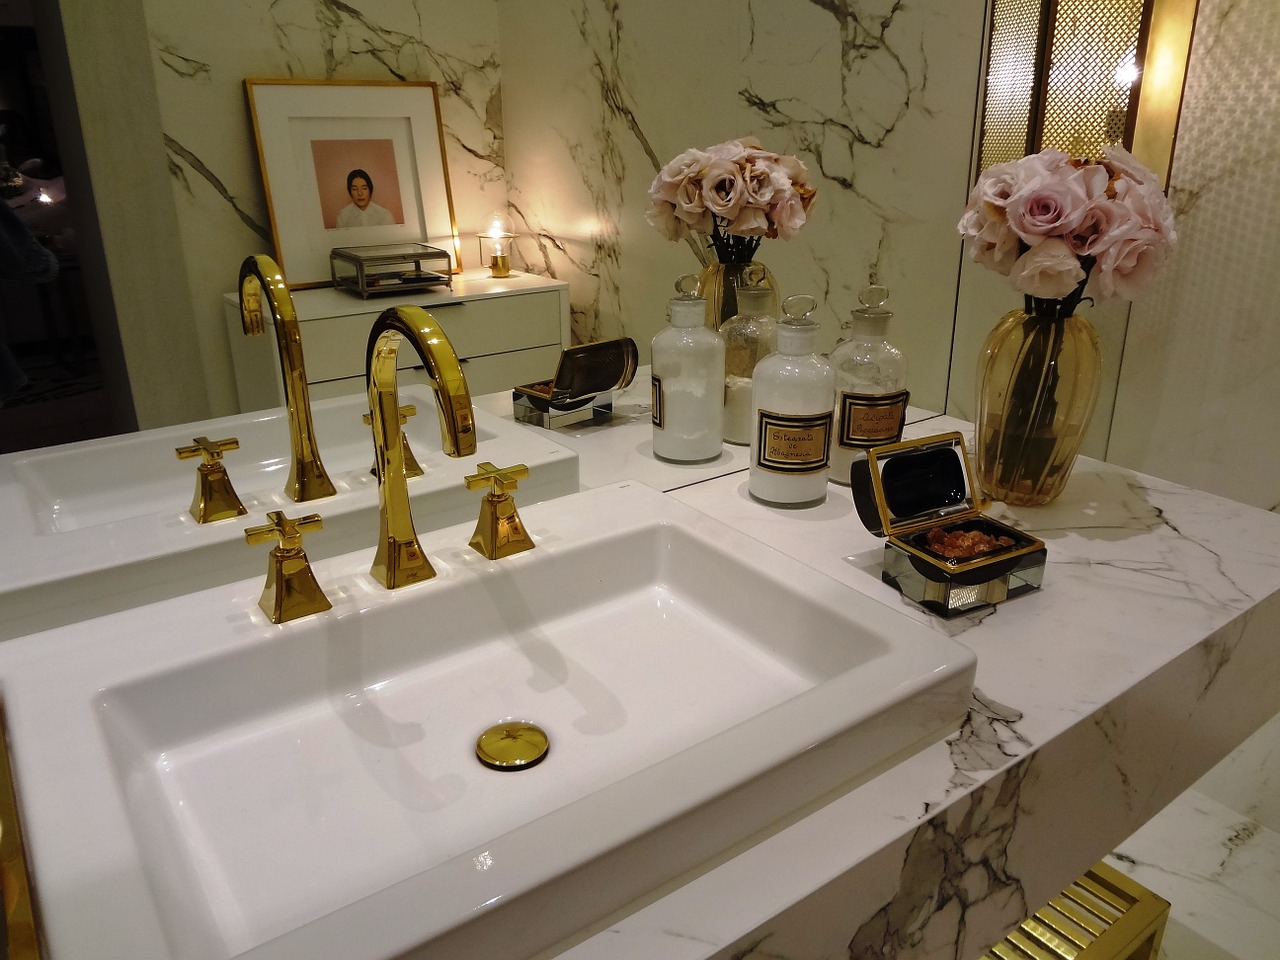 Rénovation de salle de bain complète dans la Haute-Corse